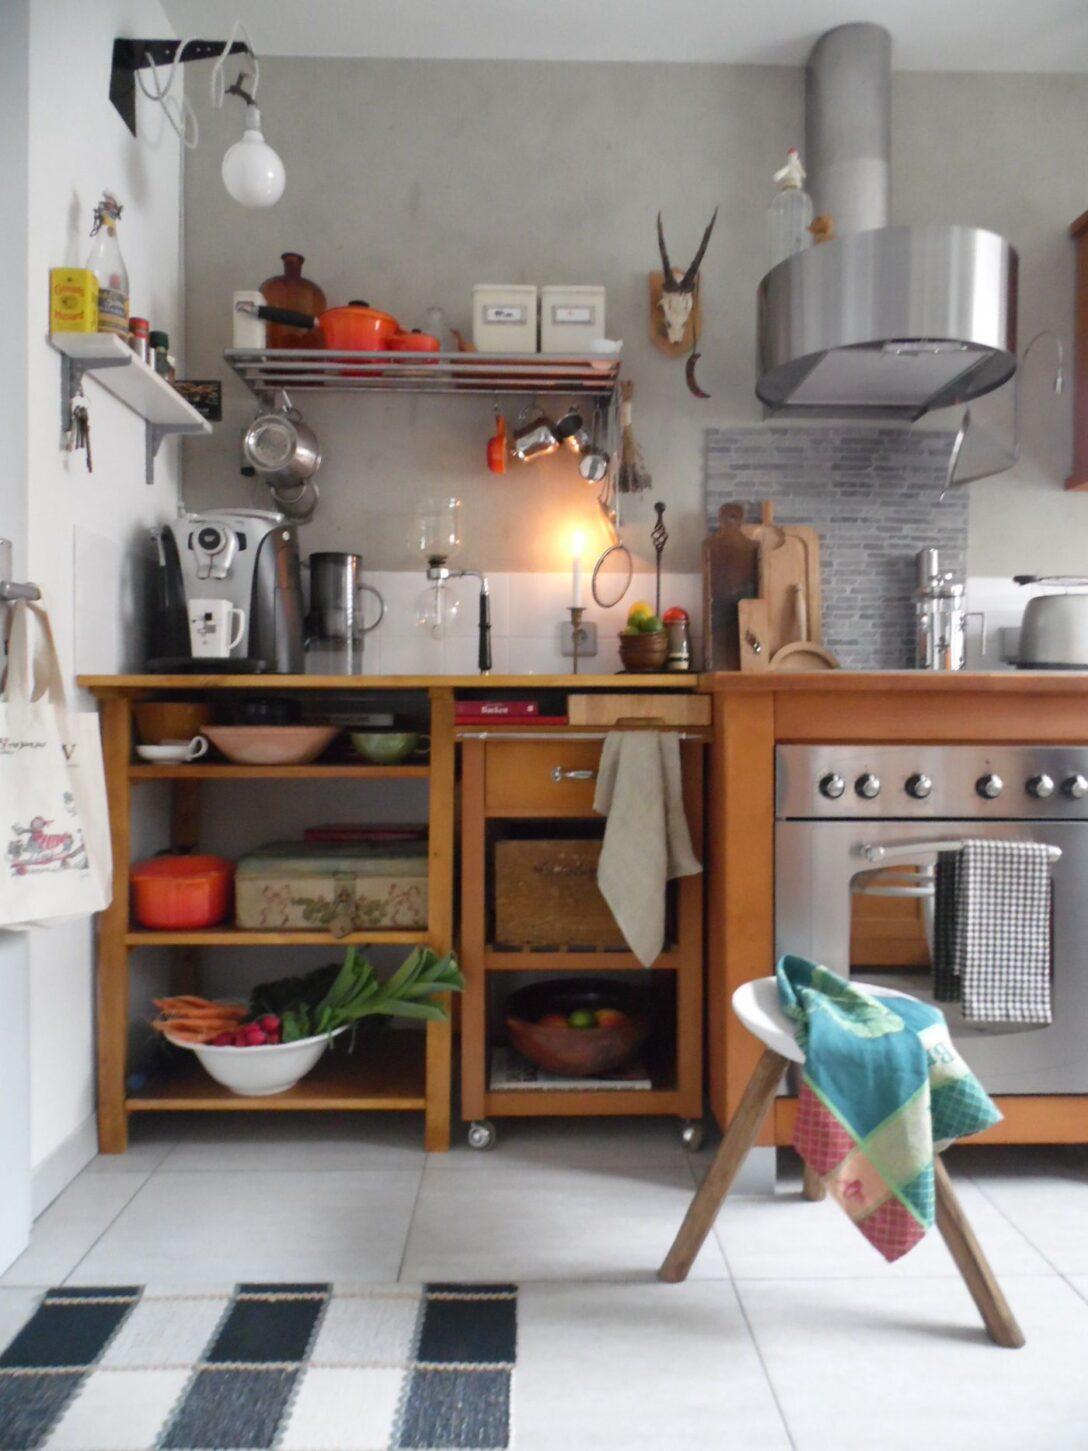 Large Size of Küchen Tapeten Abwaschbar Besten Ideen Fr Wandgestaltung In Der Kche Fototapeten Wohnzimmer Regal Schlafzimmer Für Küche Die Wohnzimmer Küchen Tapeten Abwaschbar